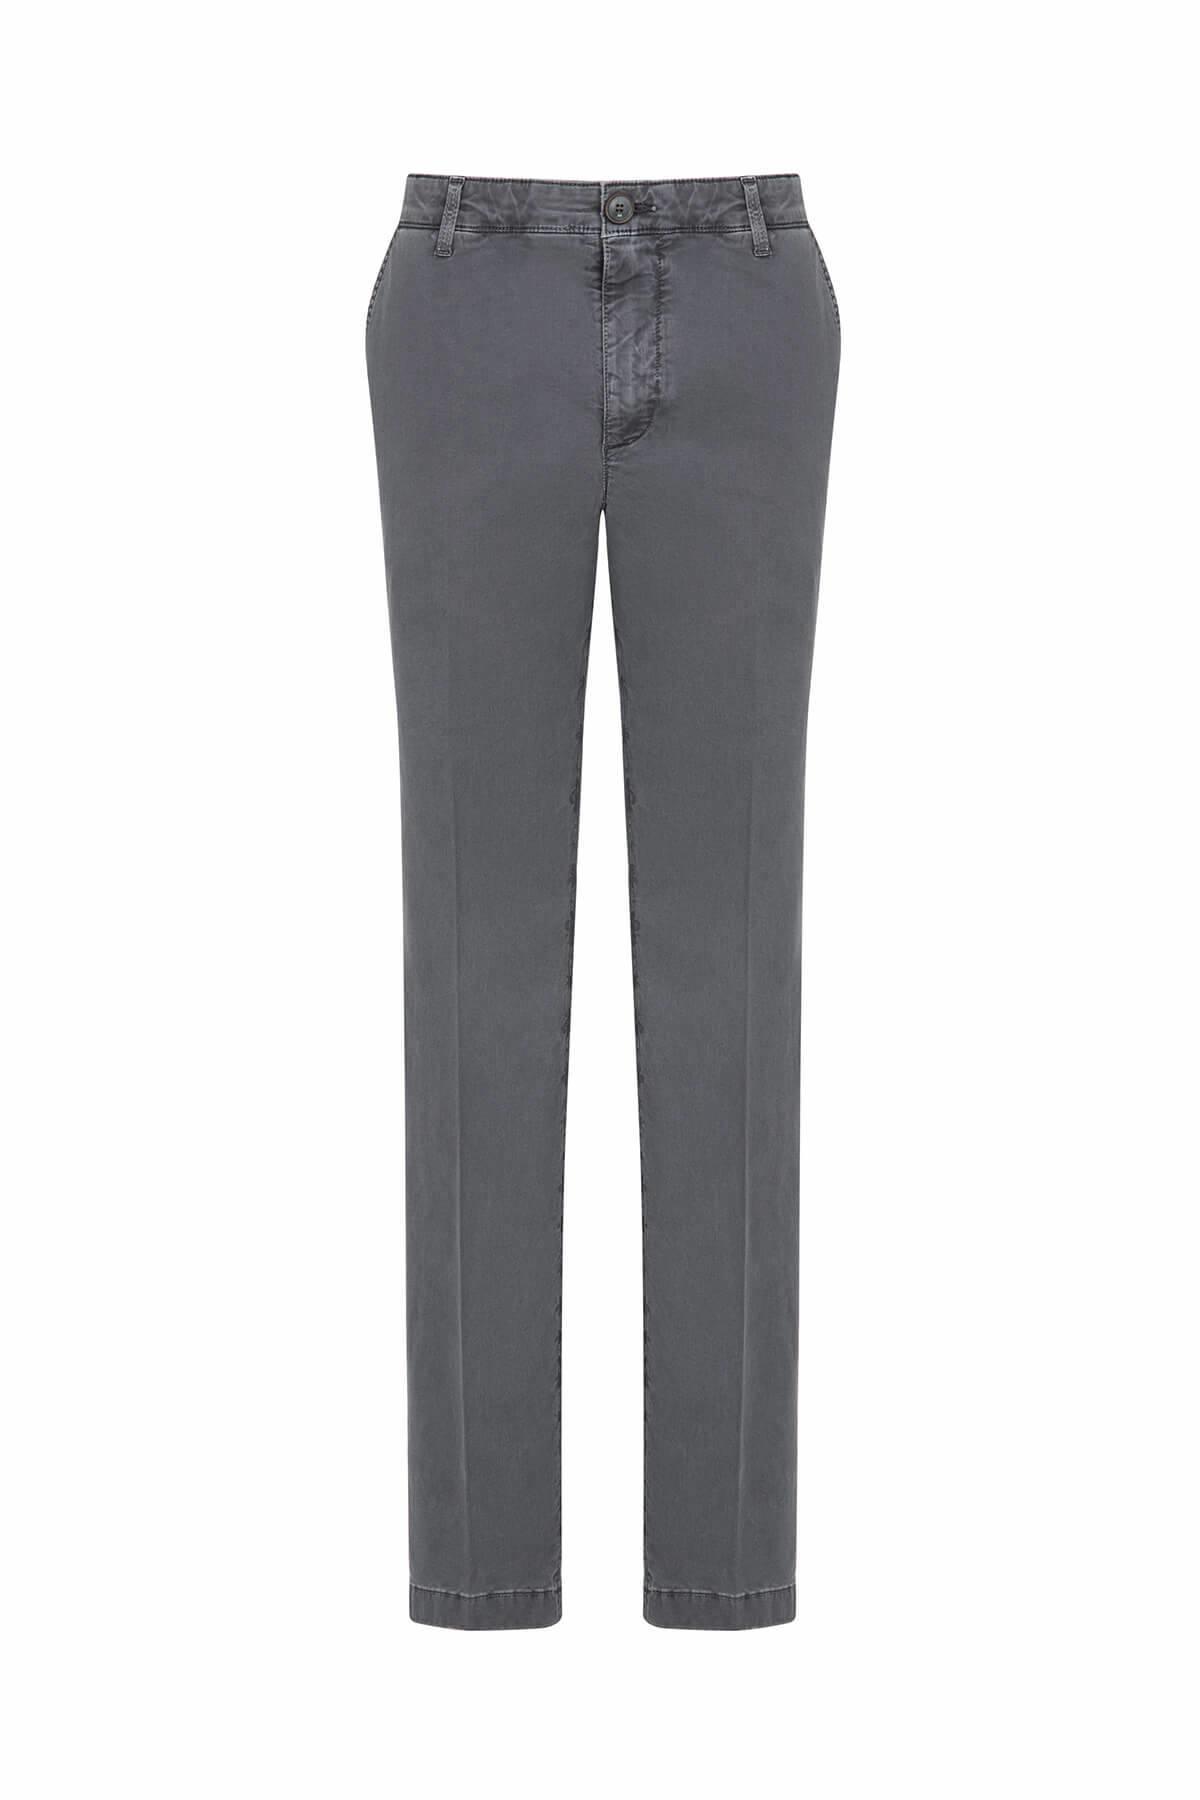 Pamuk Gri Chino Pantolon